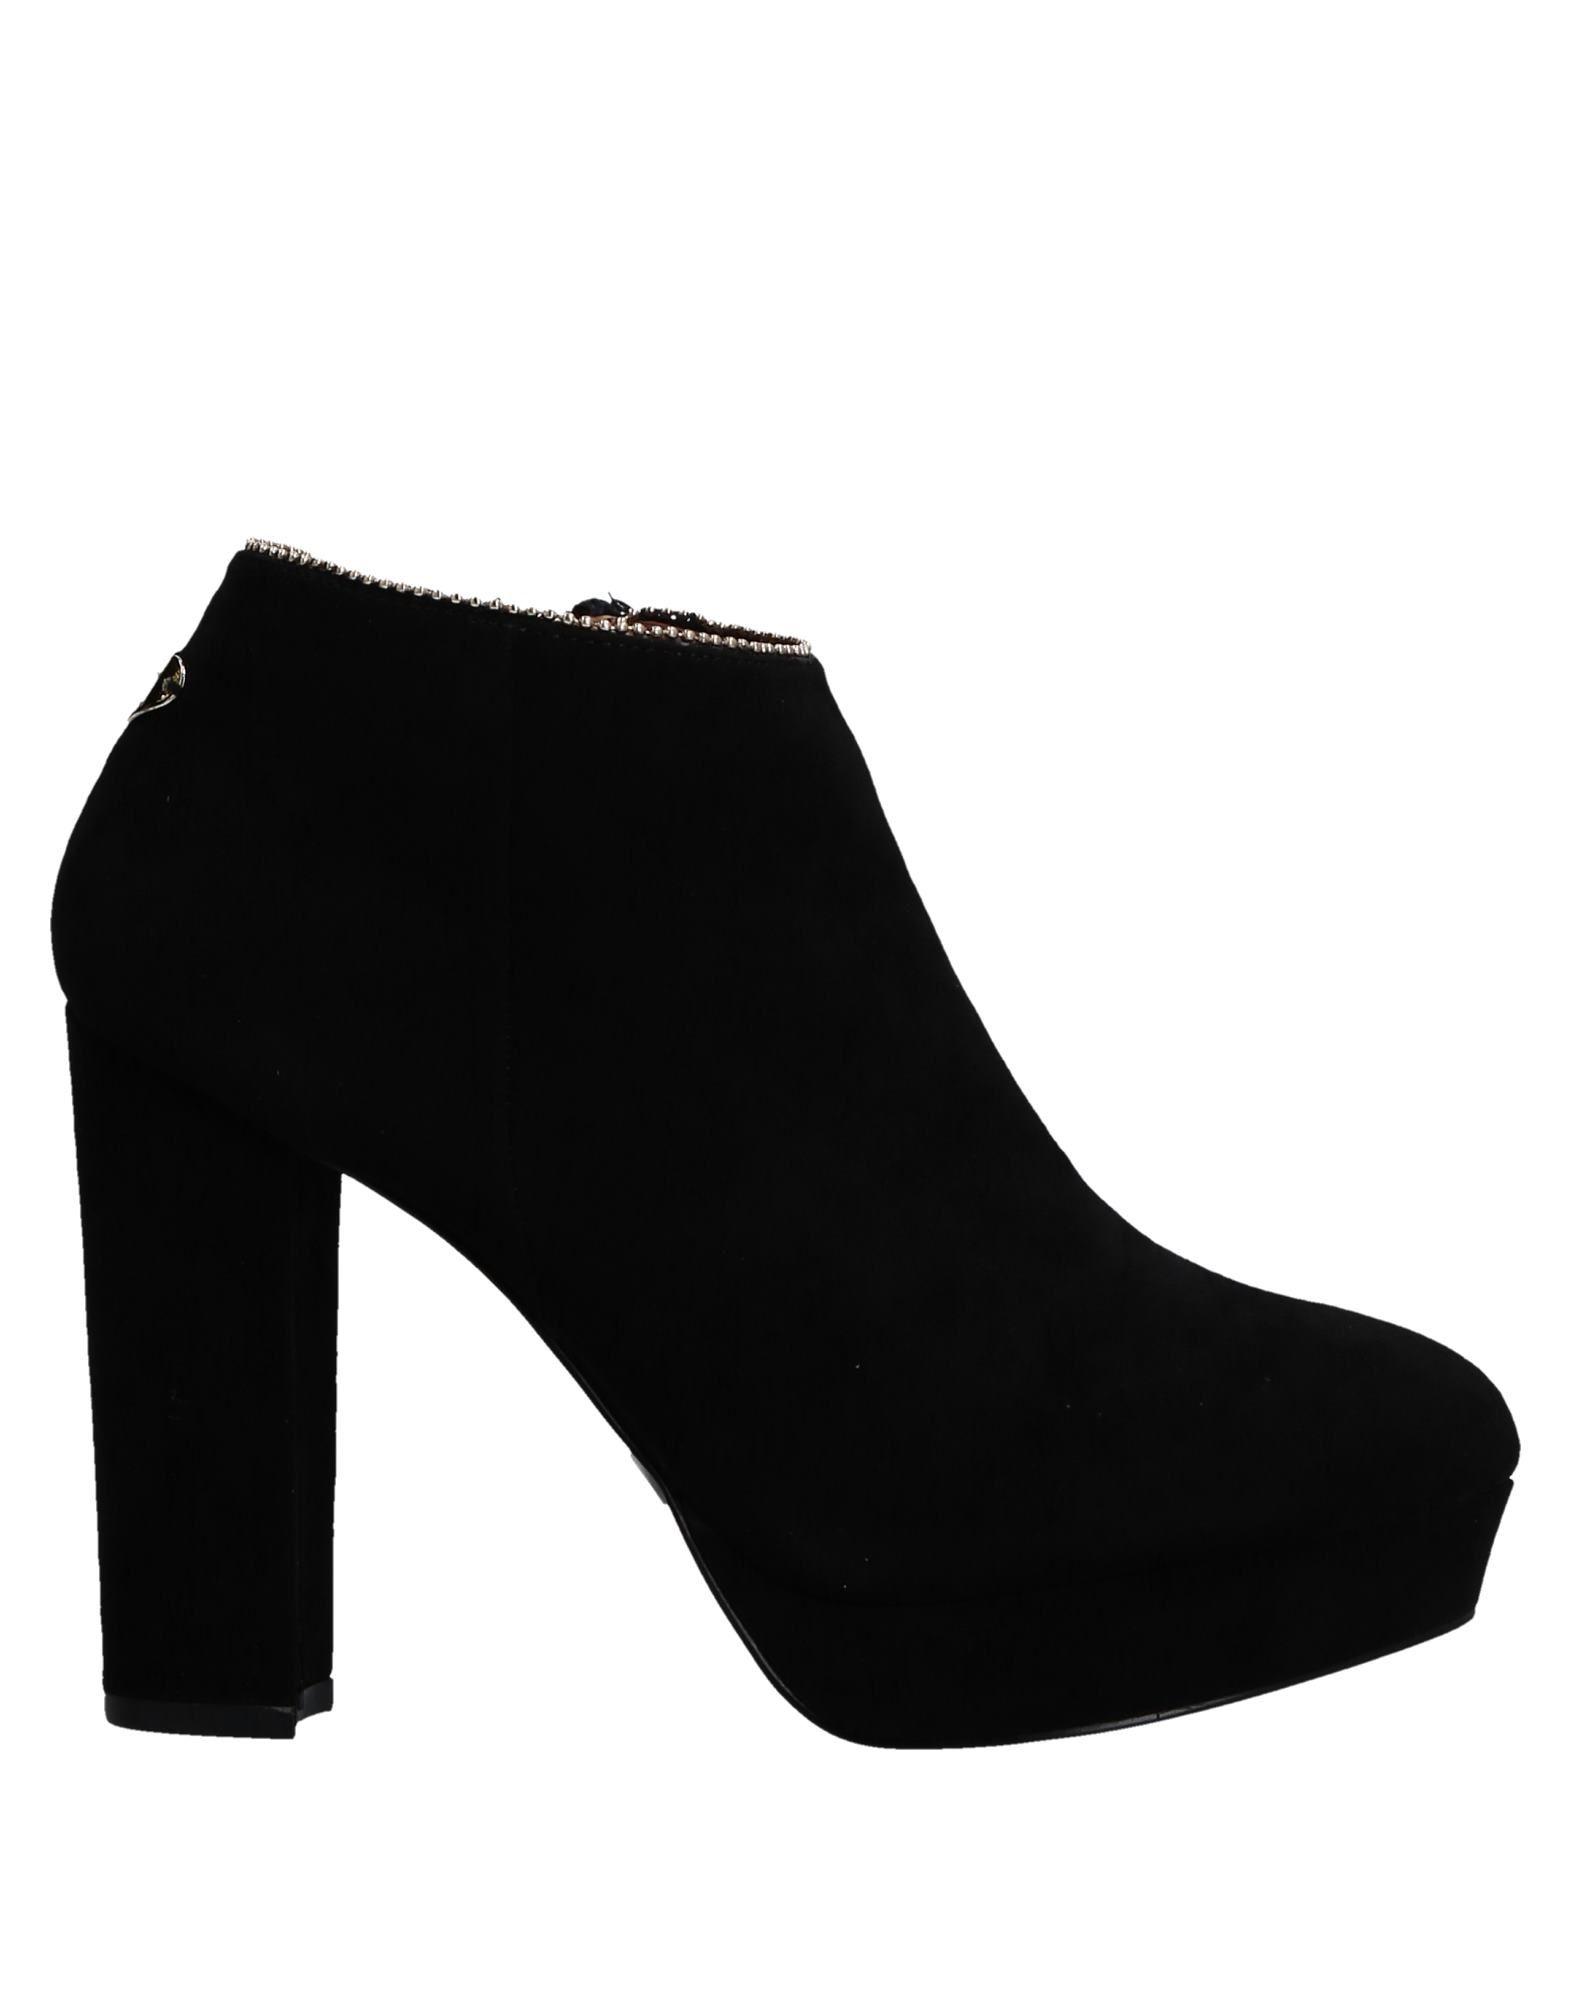 Ikaros Stiefelette Damen  11529248IE Gute Qualität beliebte Schuhe